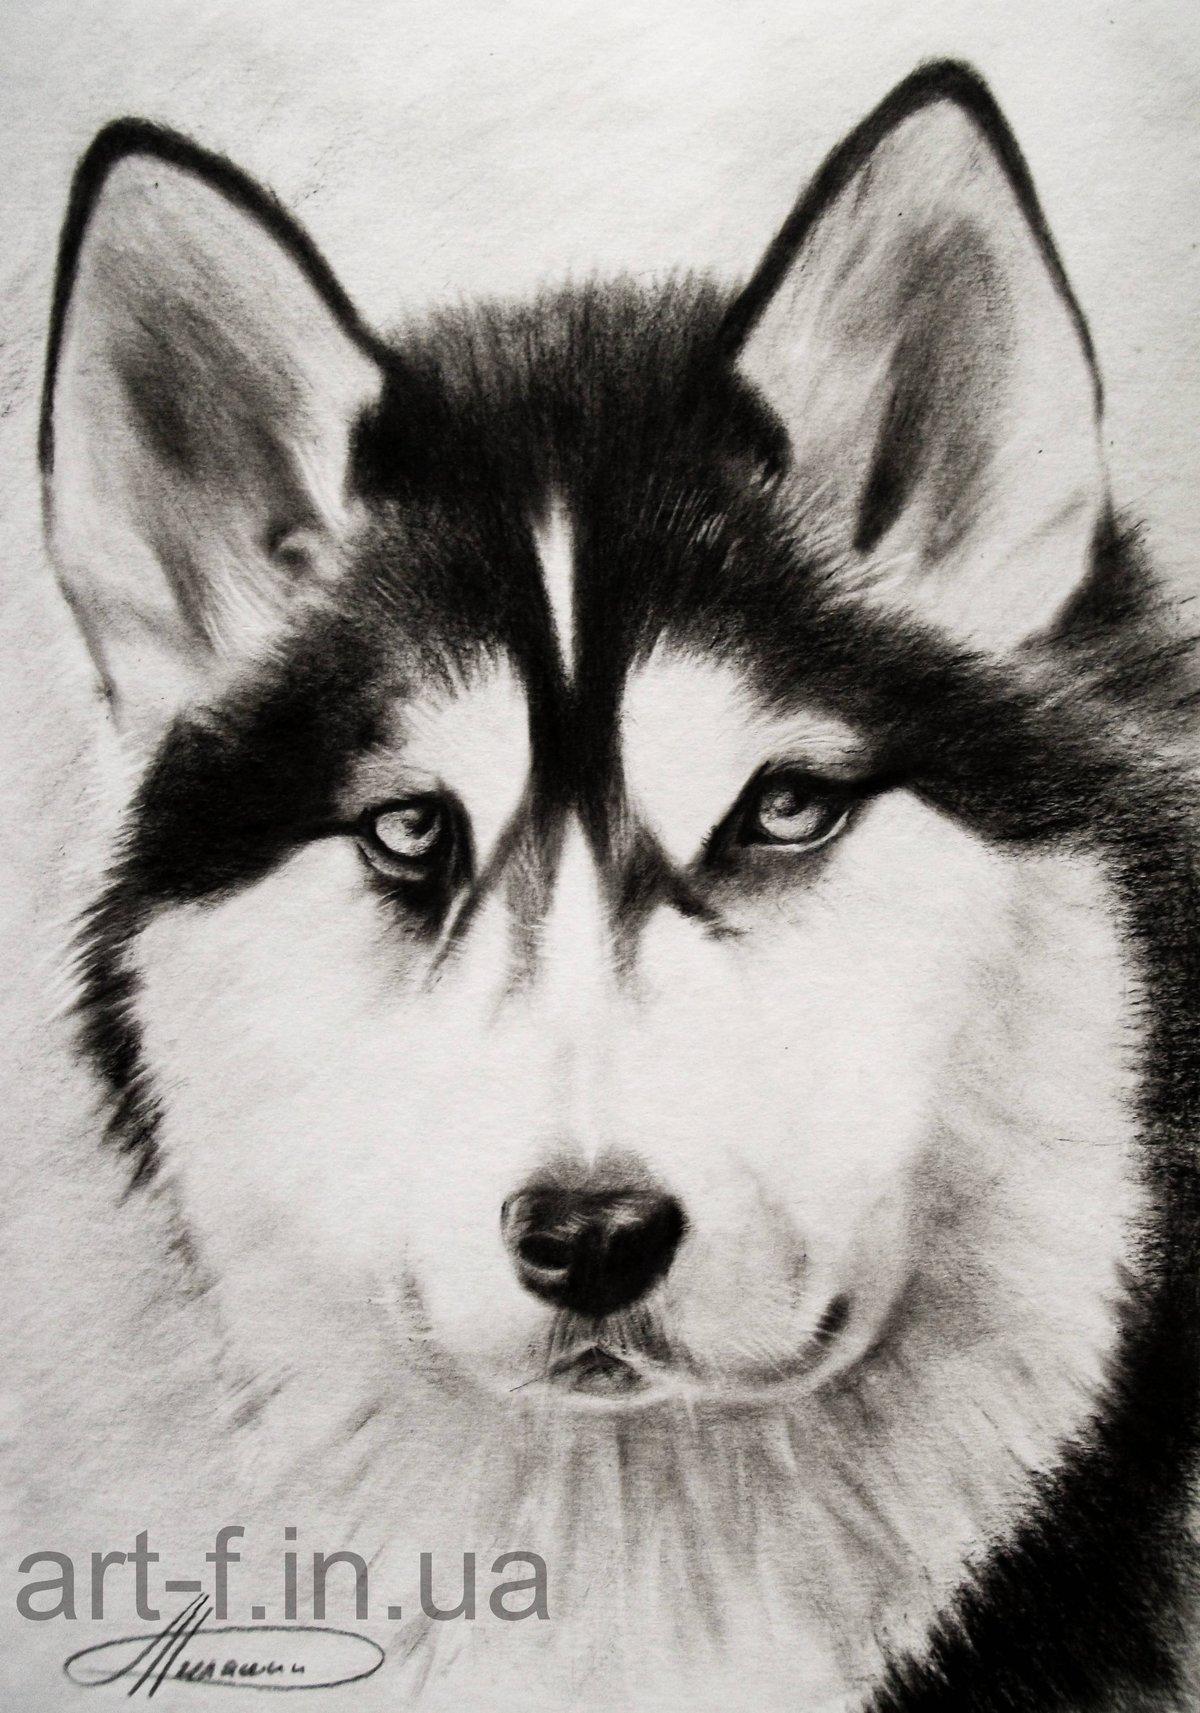 Красивые картинки про животных срисовать